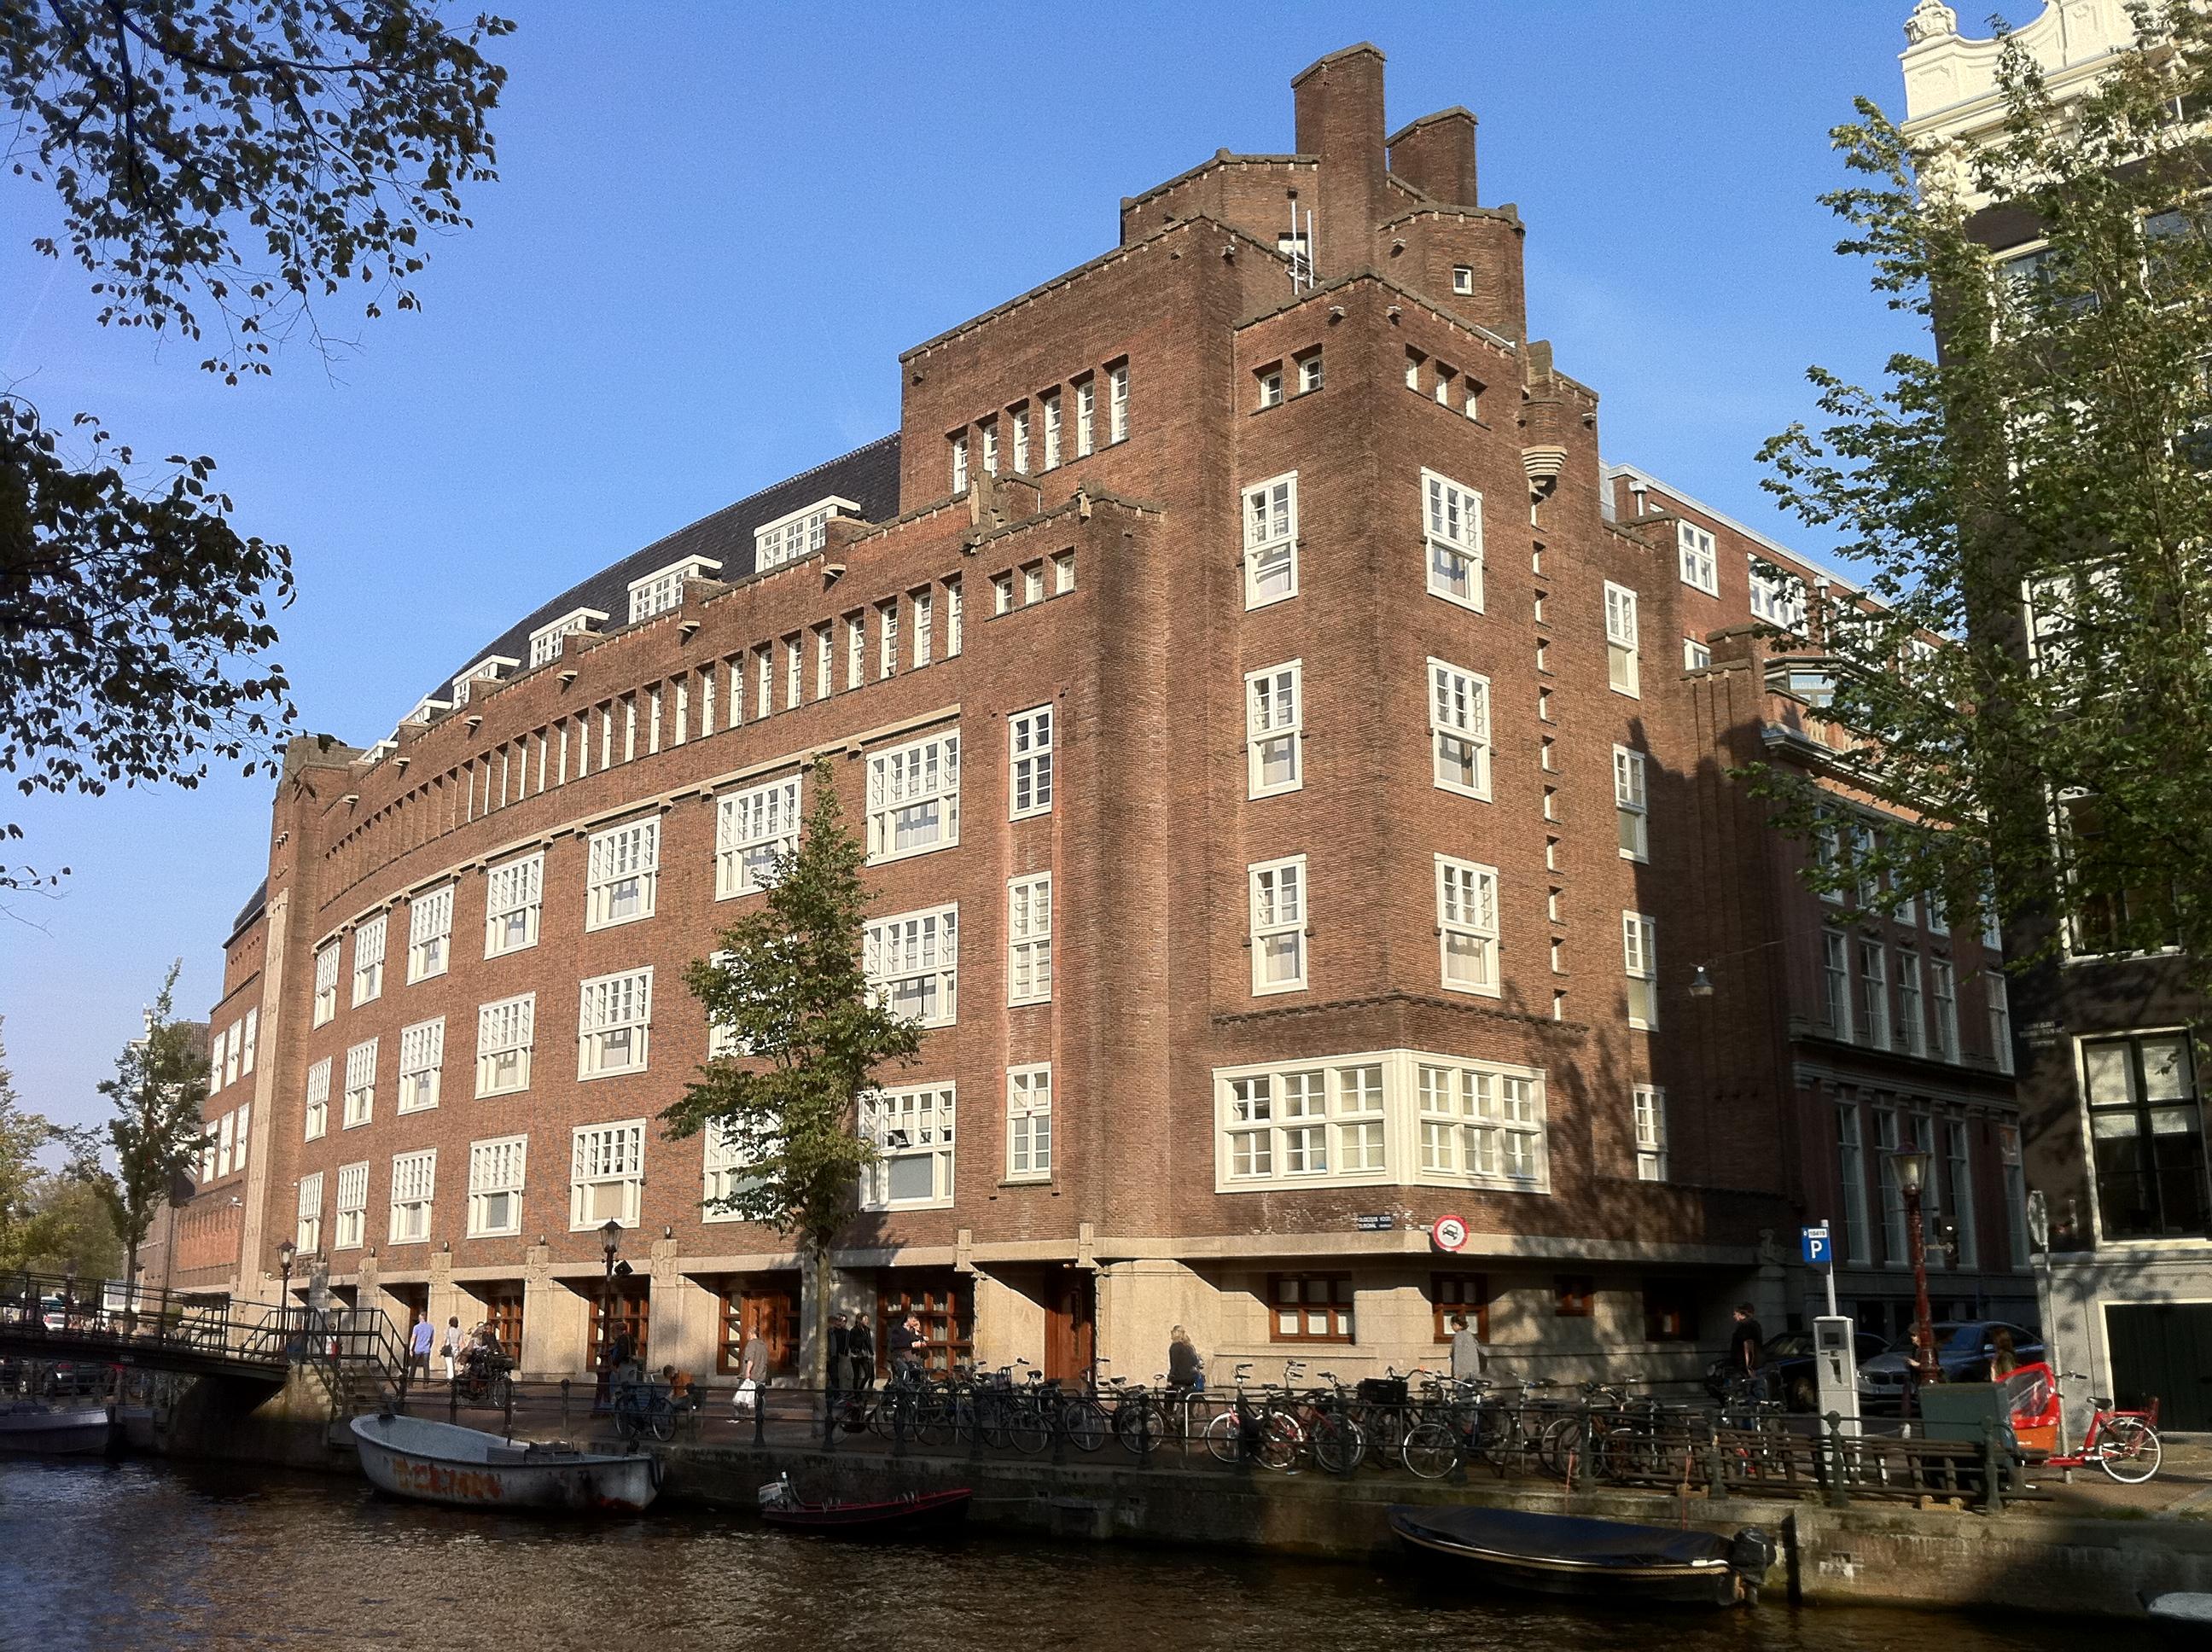 Prinsenhof Amsterdam Hotel